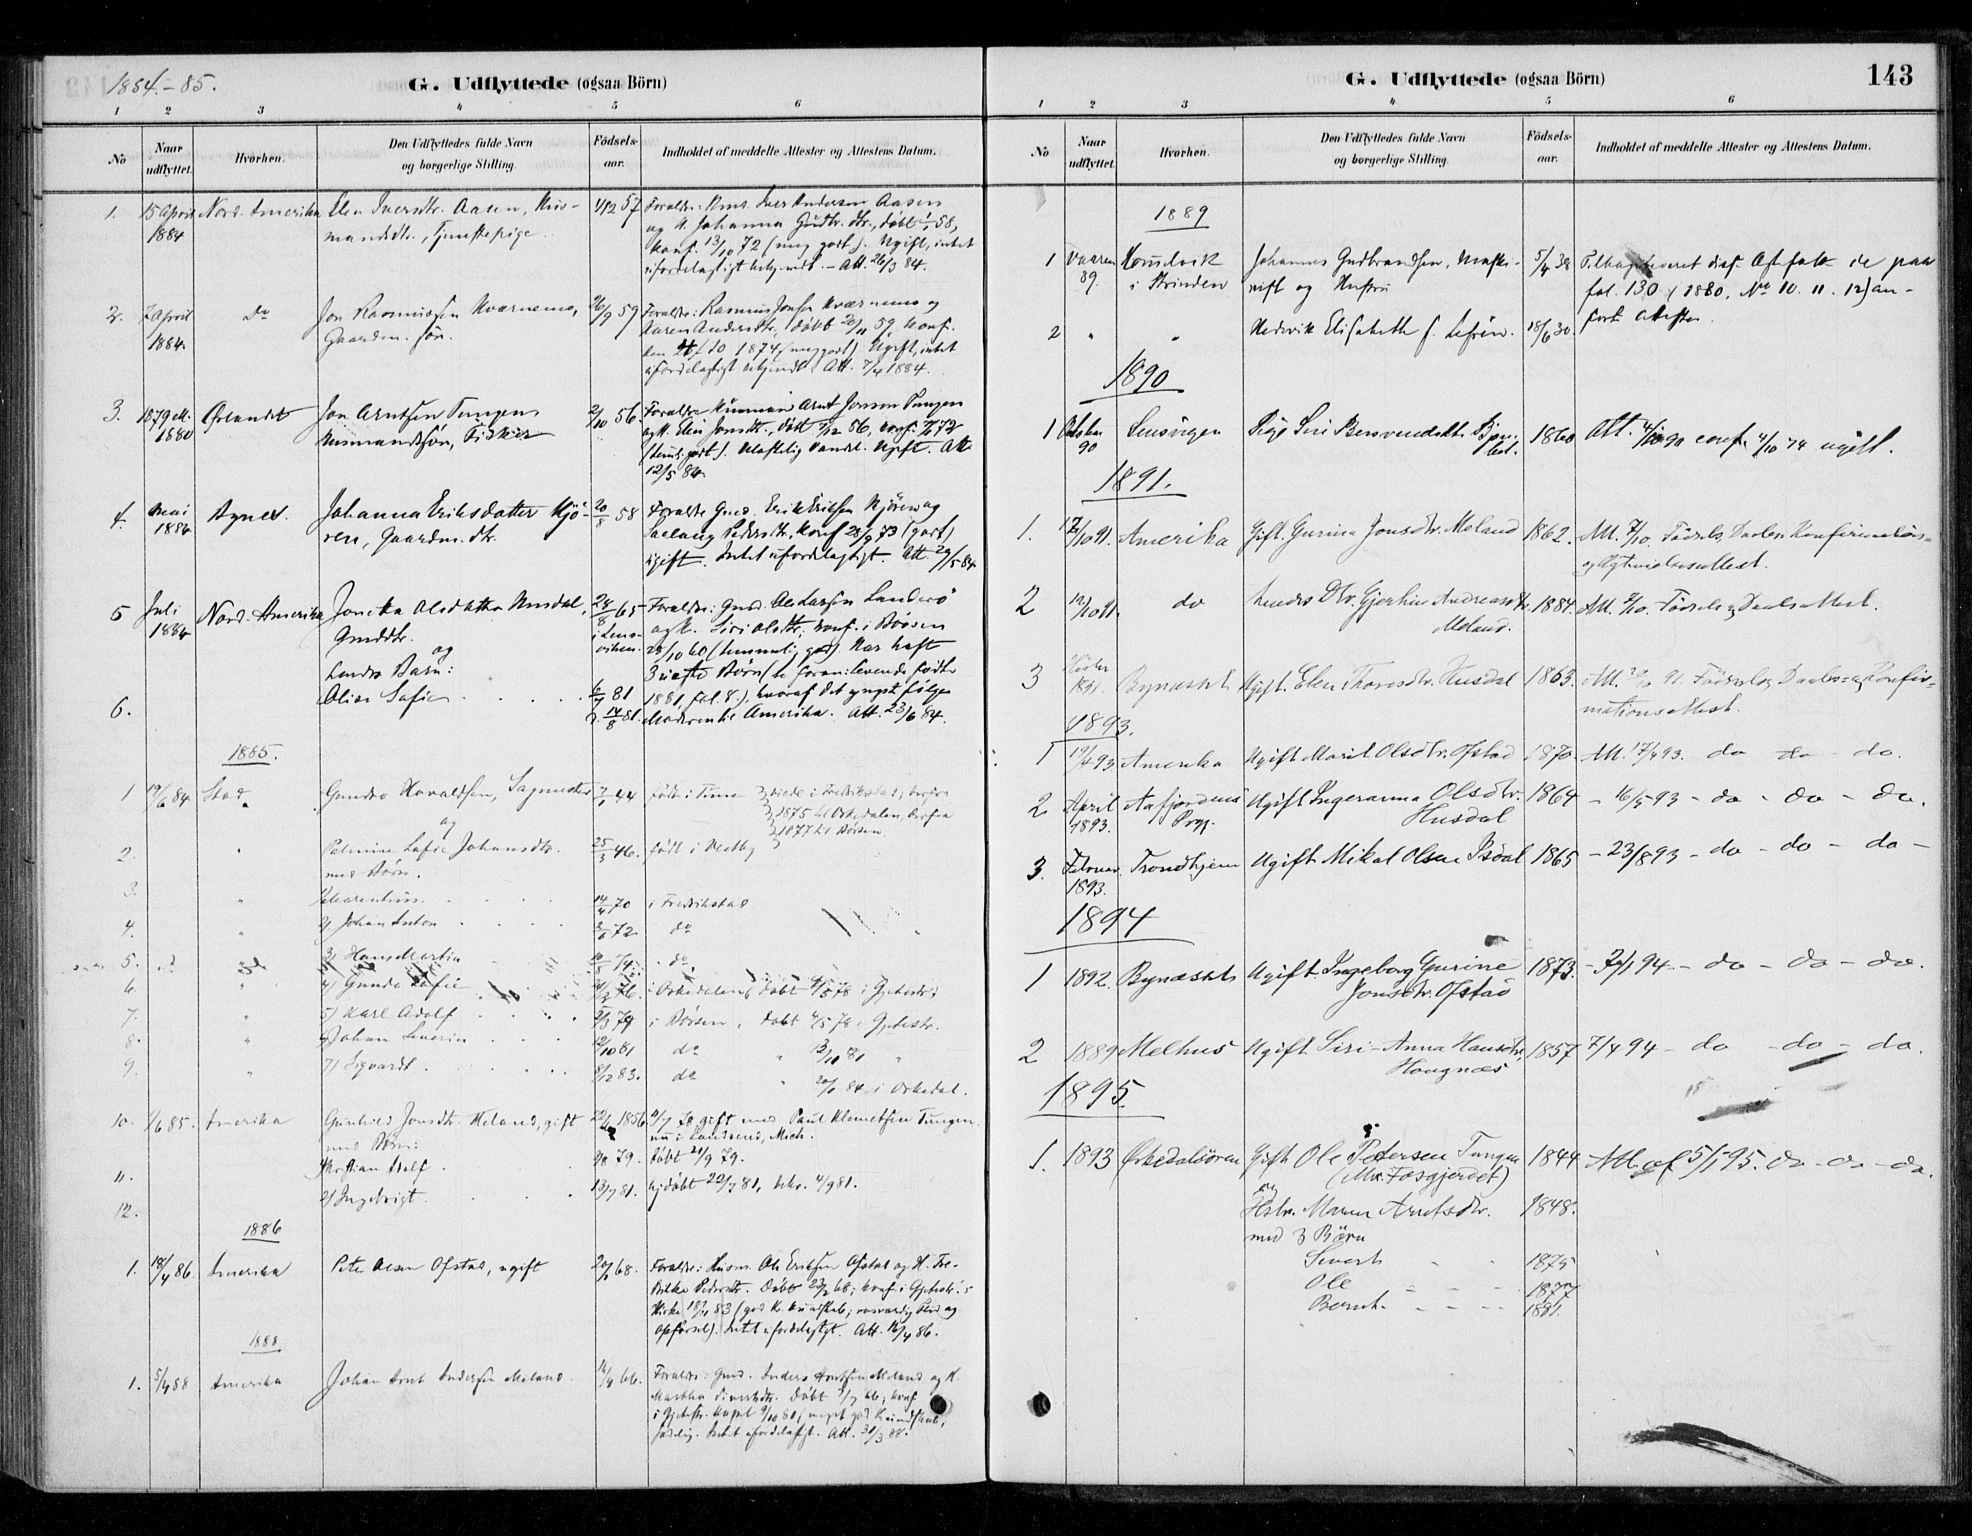 SAT, Ministerialprotokoller, klokkerbøker og fødselsregistre - Sør-Trøndelag, 670/L0836: Ministerialbok nr. 670A01, 1879-1904, s. 143